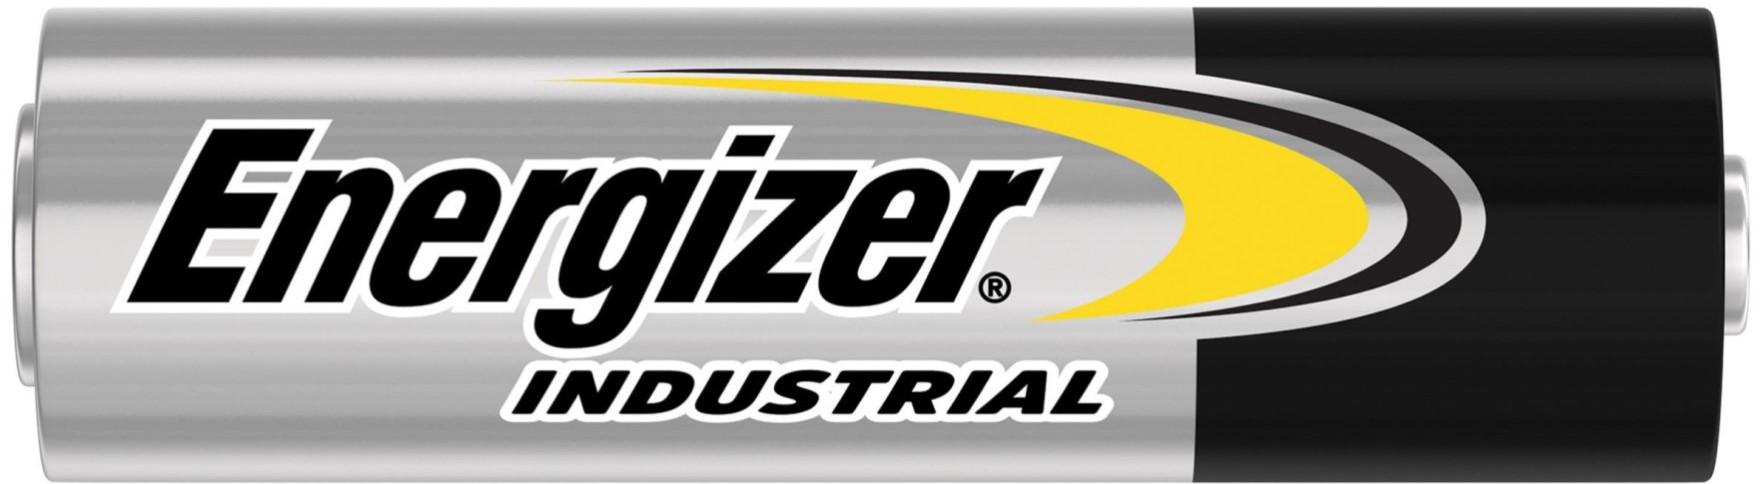 Energizer Industrial Alkaline AA Battery